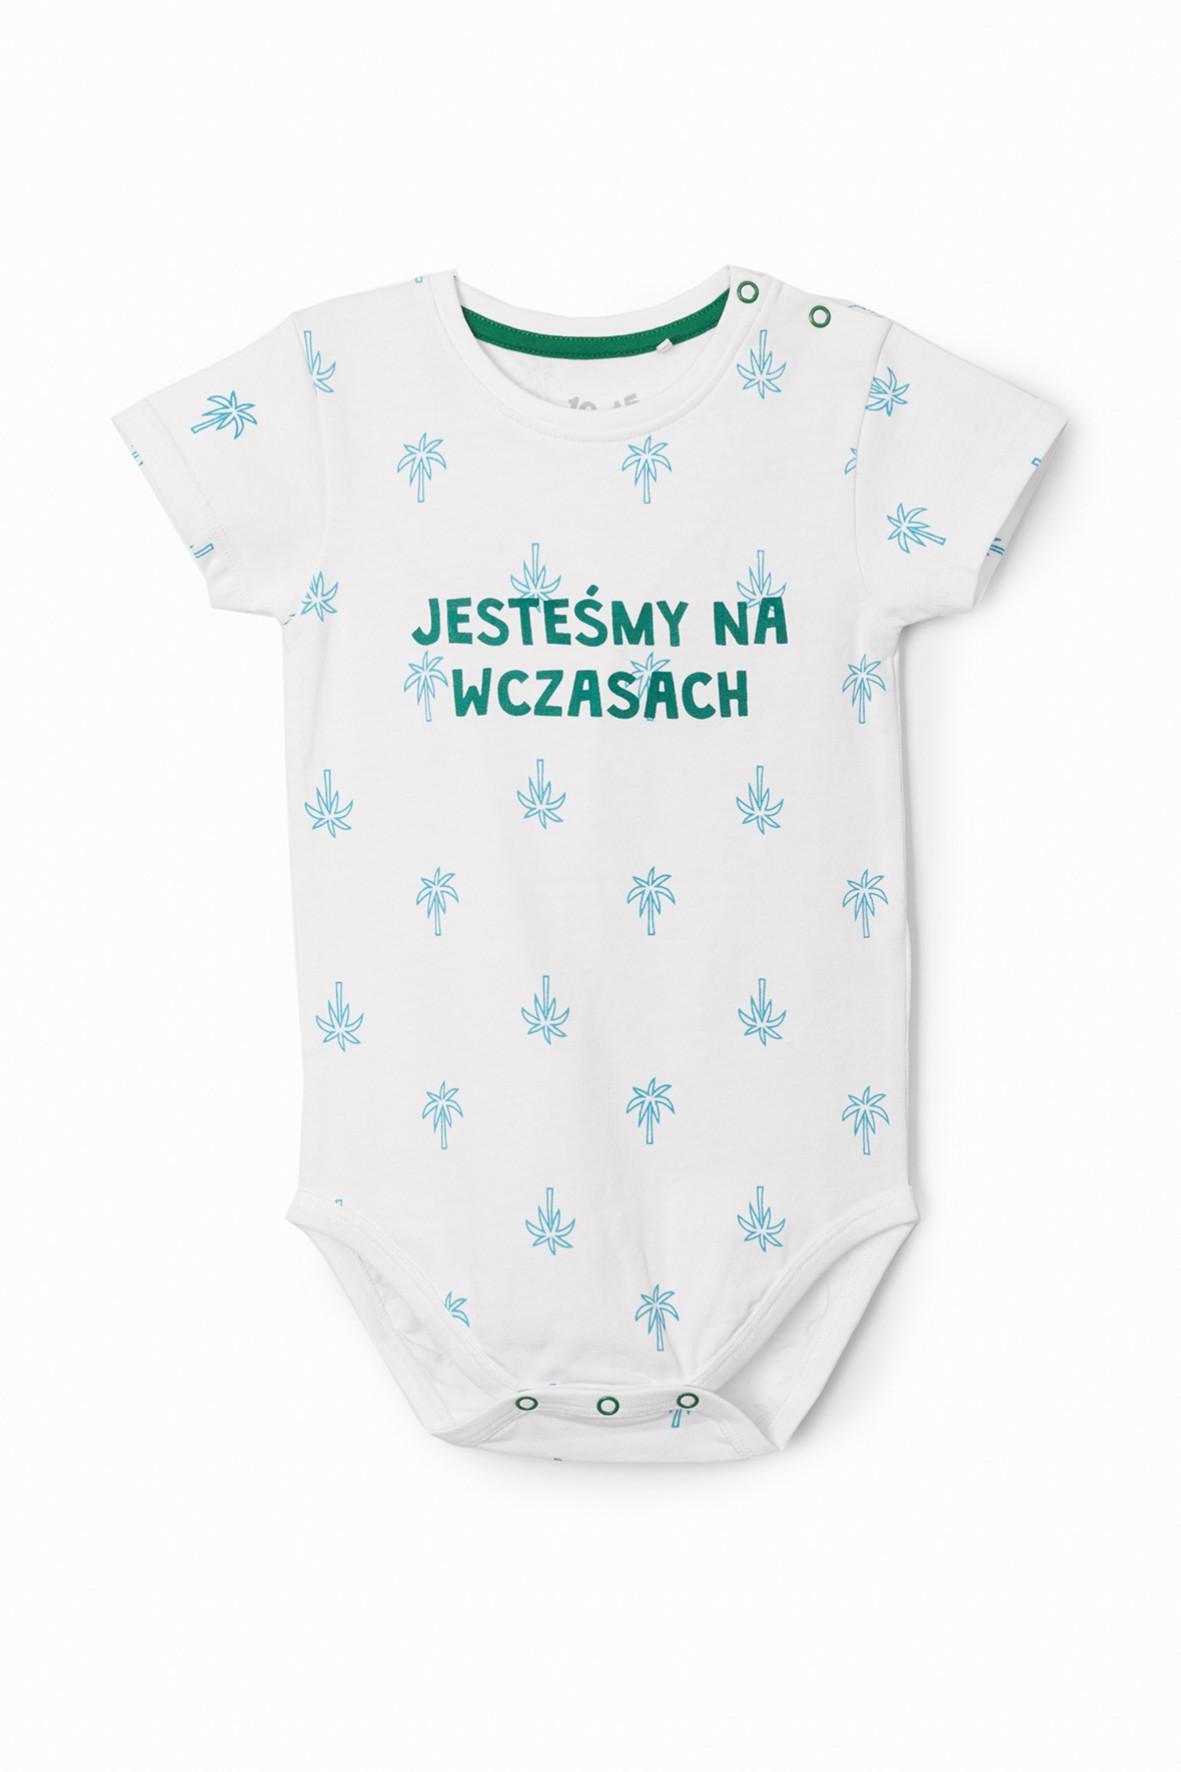 Białe body niemowlęce z napisem- Jesteśmy na wczasach